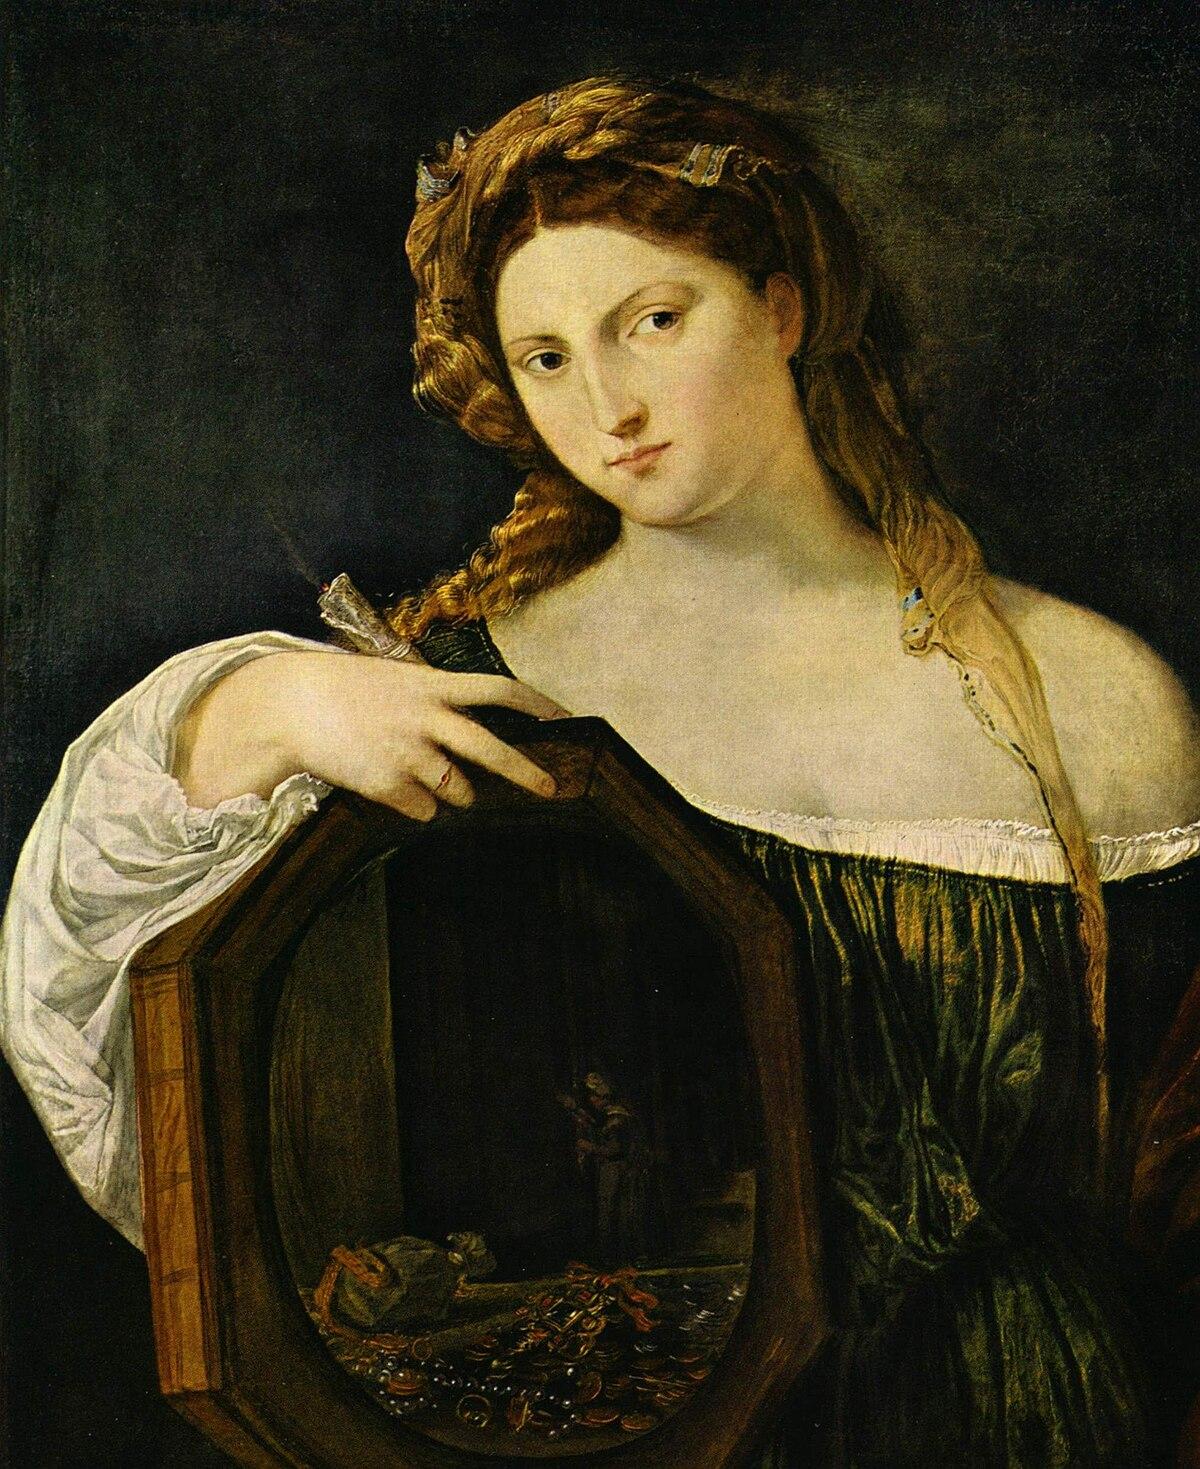 Vanidad tiziano wikipedia la enciclopedia libre - Venere allo specchio tiziano ...